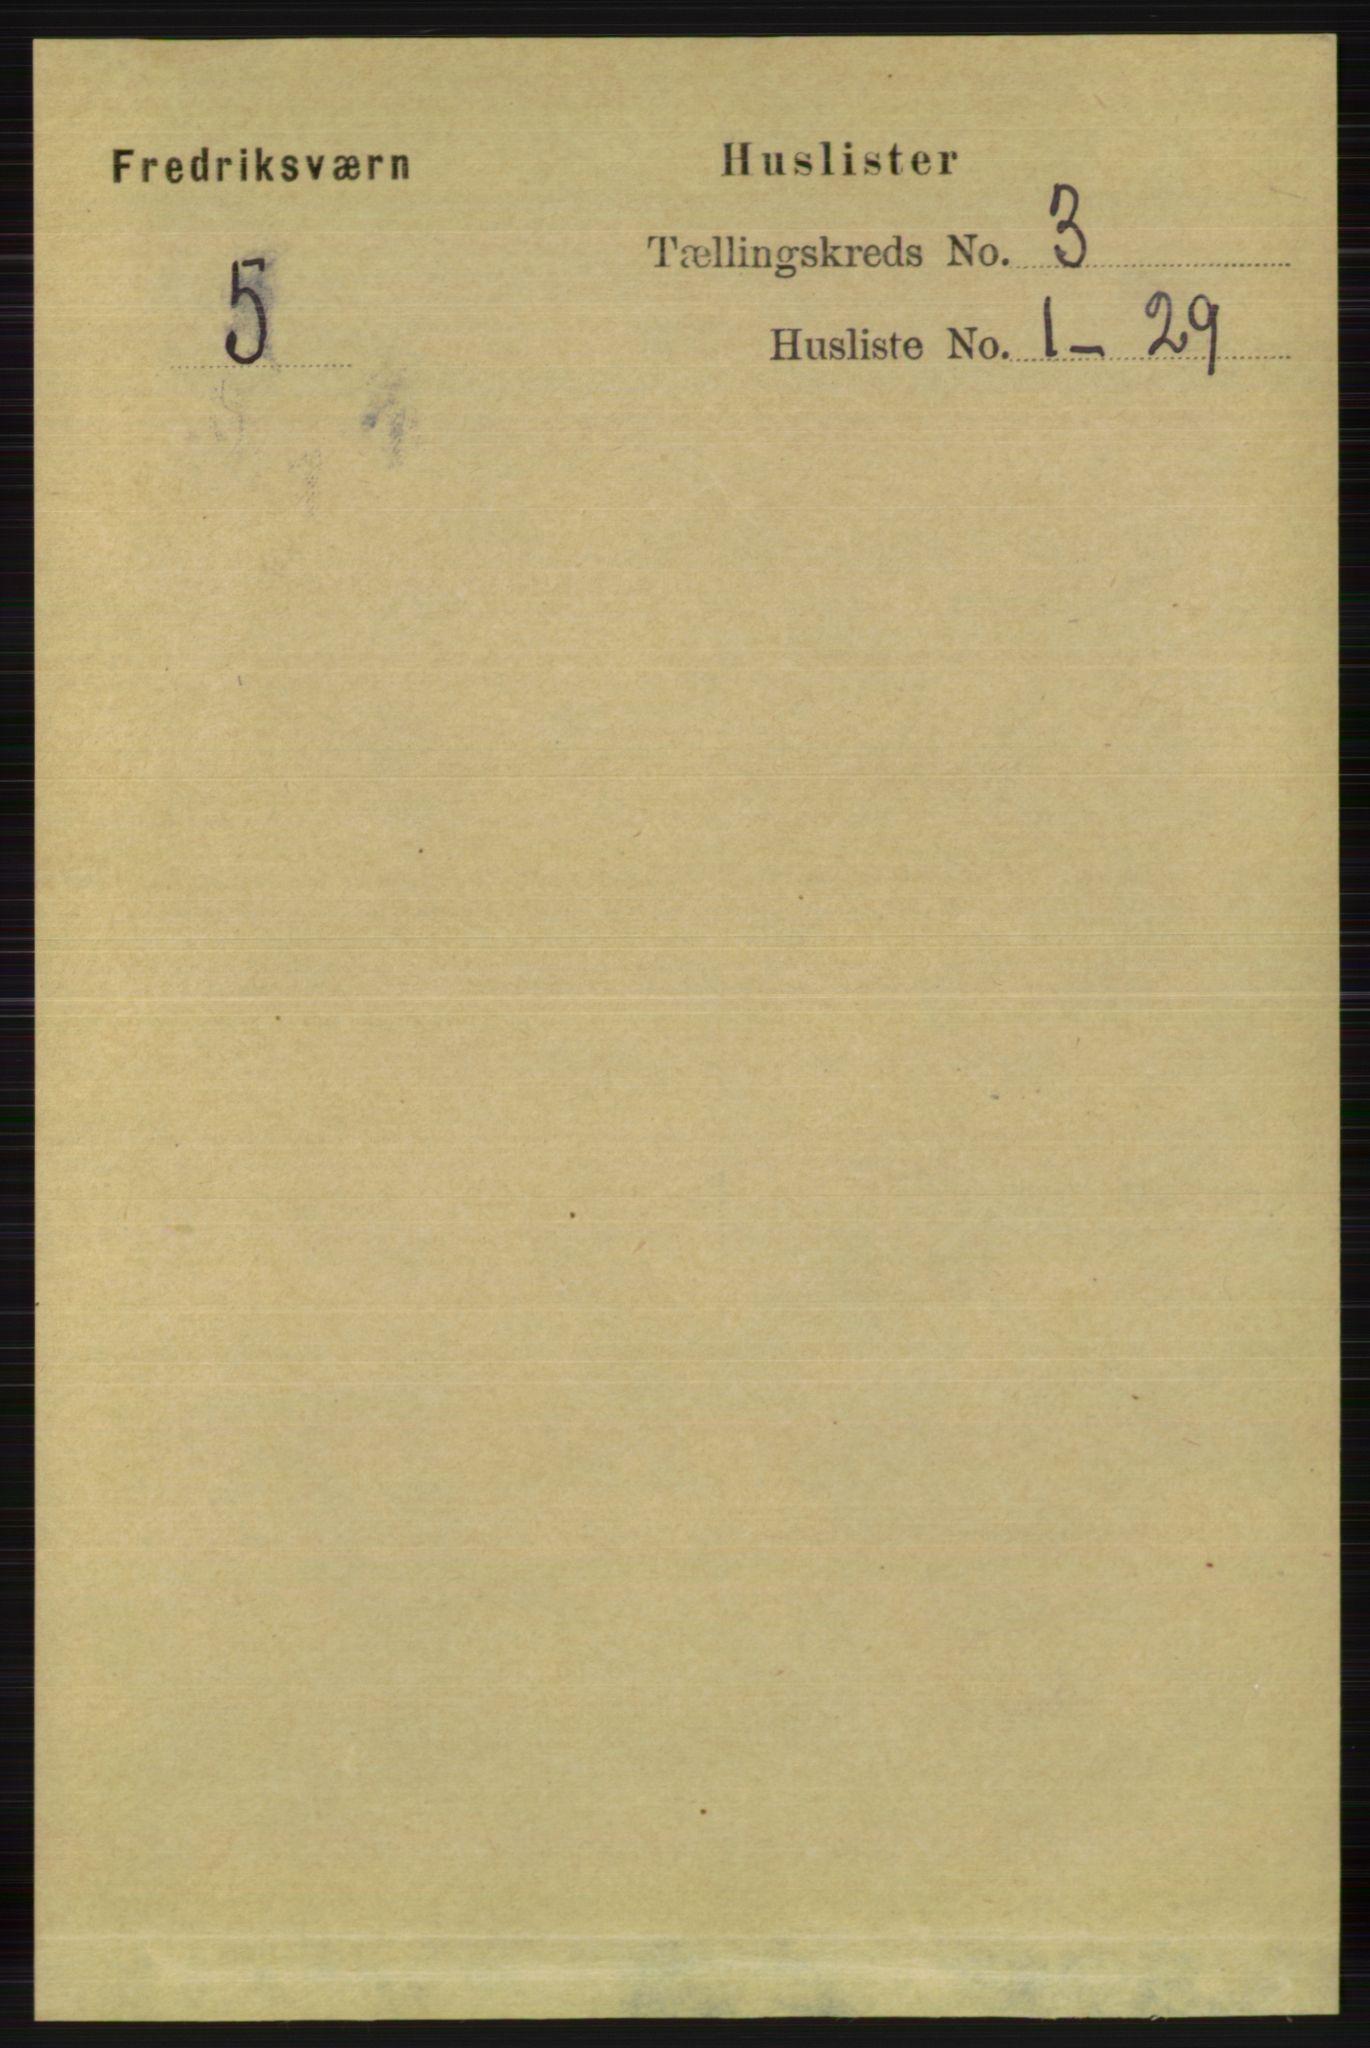 RA, Folketelling 1891 for 0798 Fredriksvern herred, 1891, s. 424